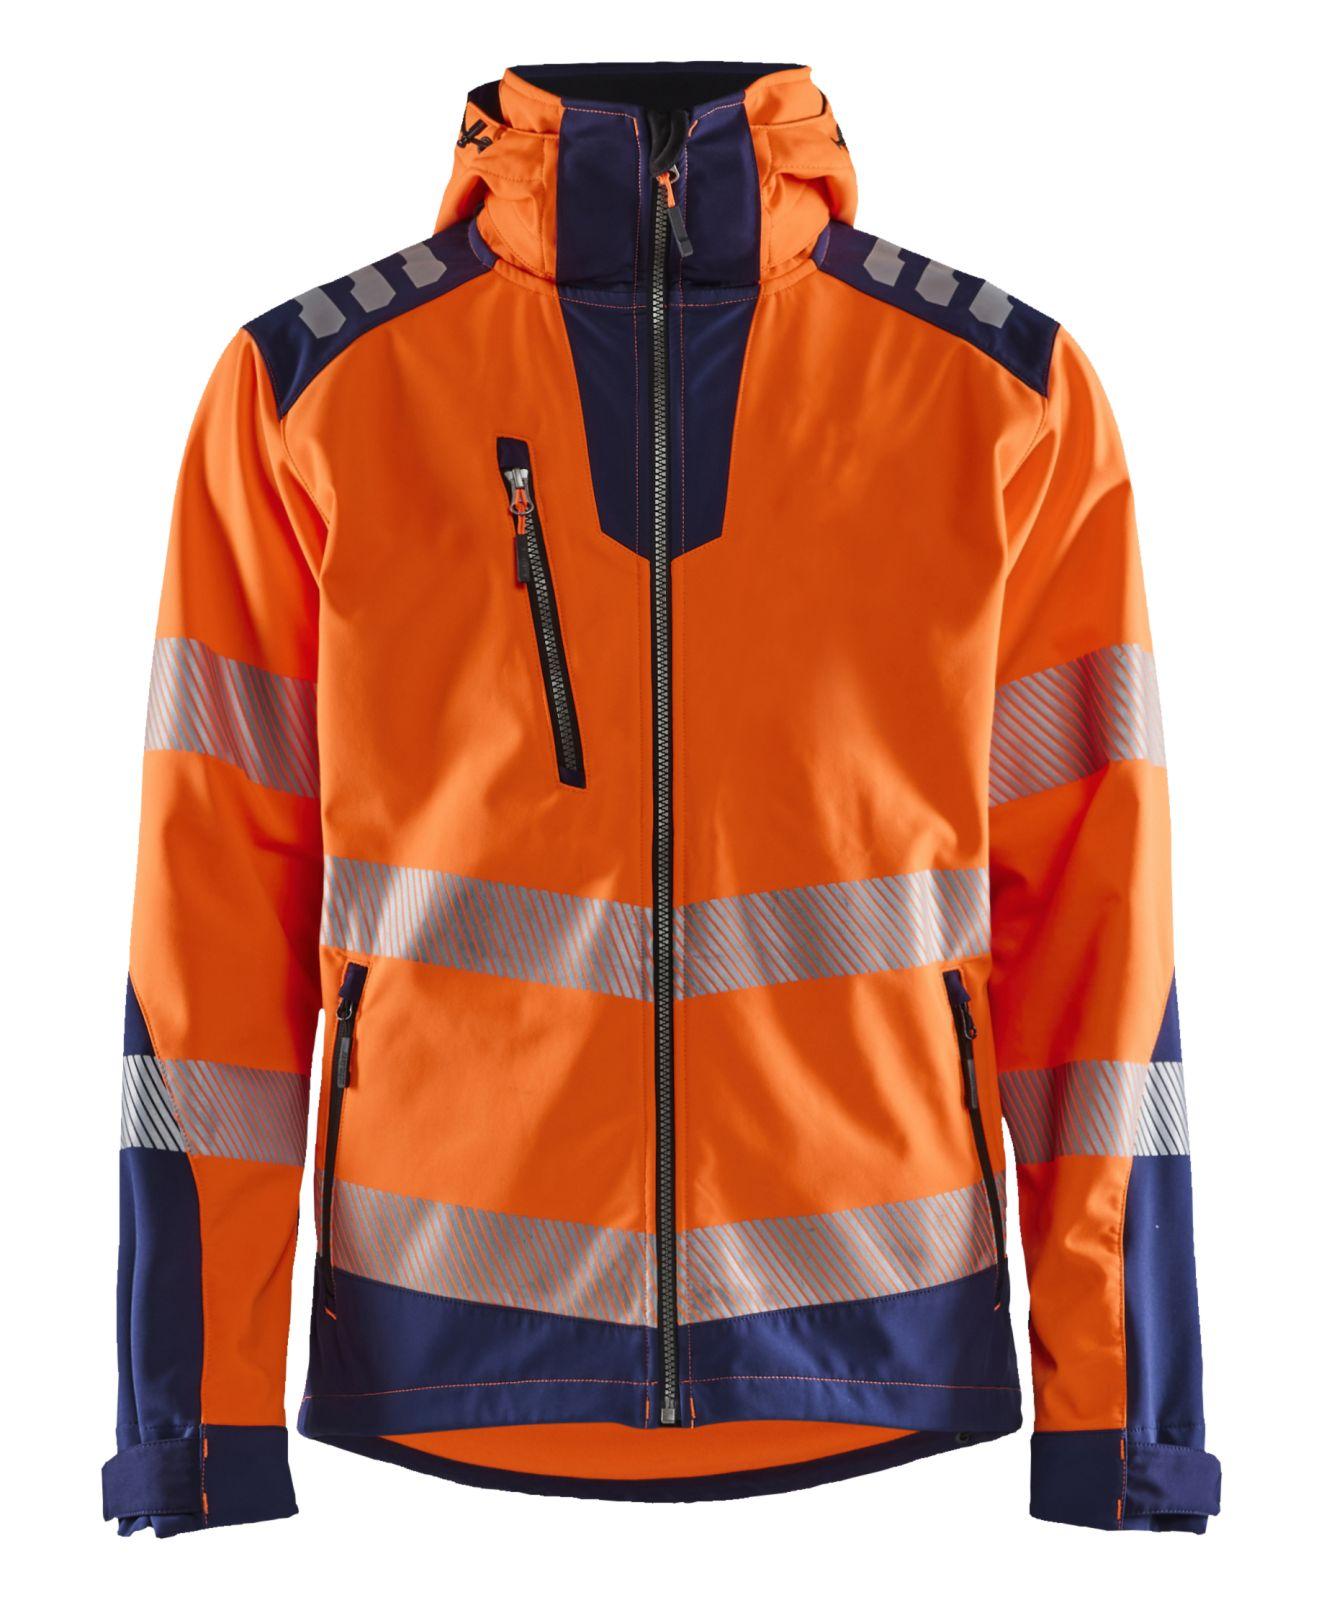 Blaklader Jassen 44912513 High Vis fluo oranje-marineblauw(5389)